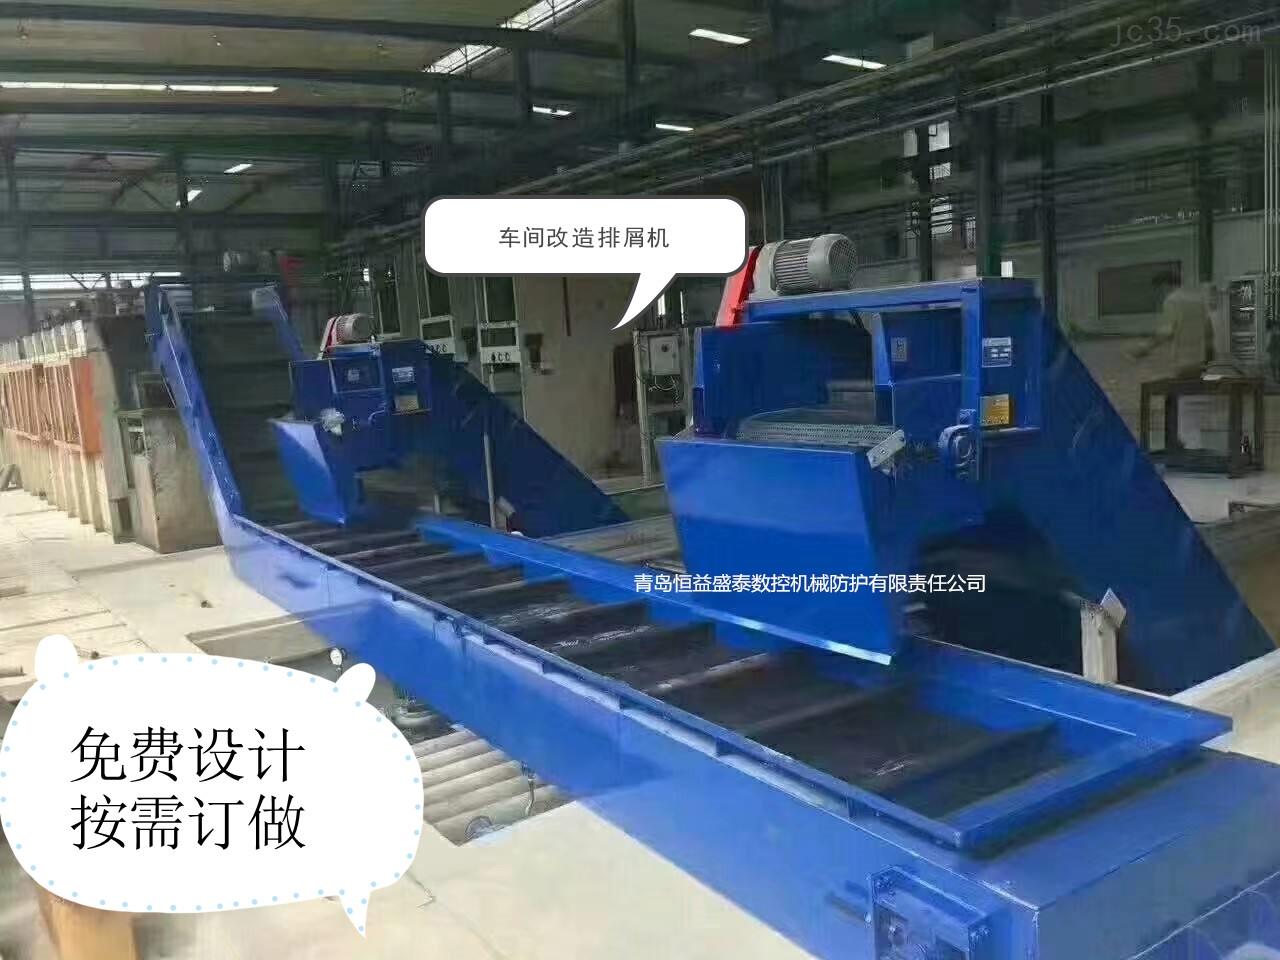 台湾晁群FV-1370立式加工中心链板式排屑机